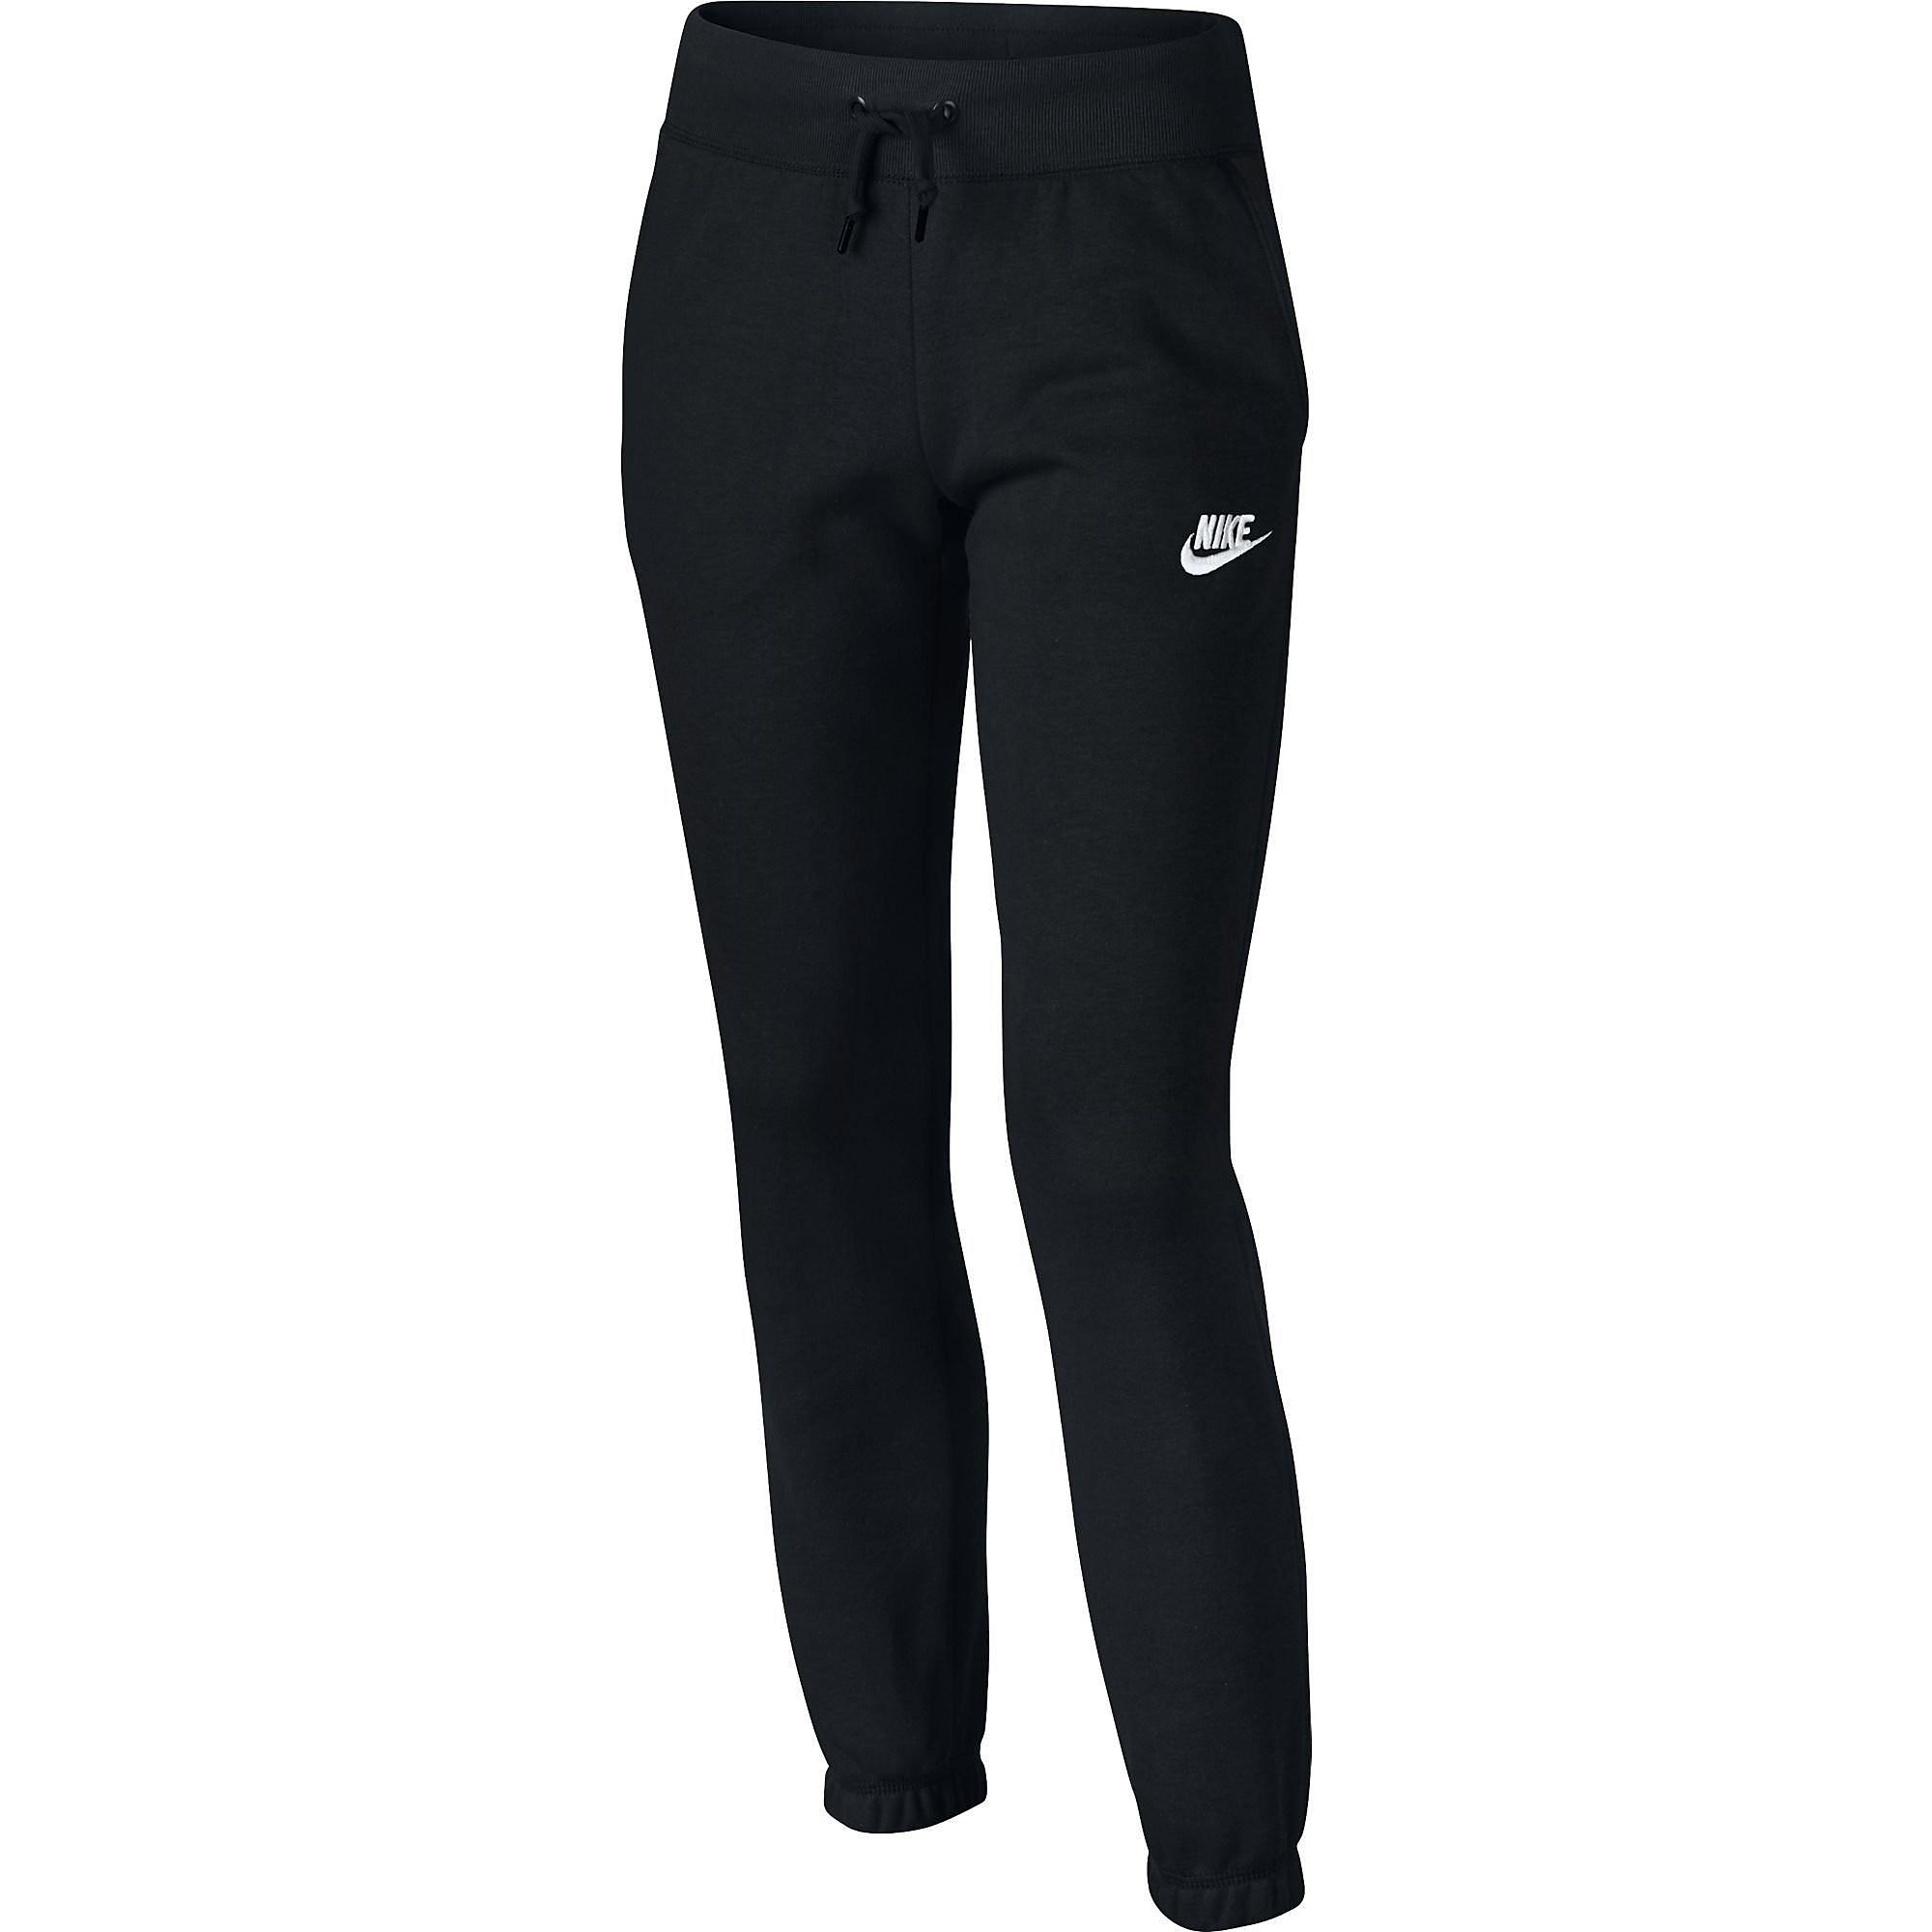 Nike G NSW PANT FLC REG